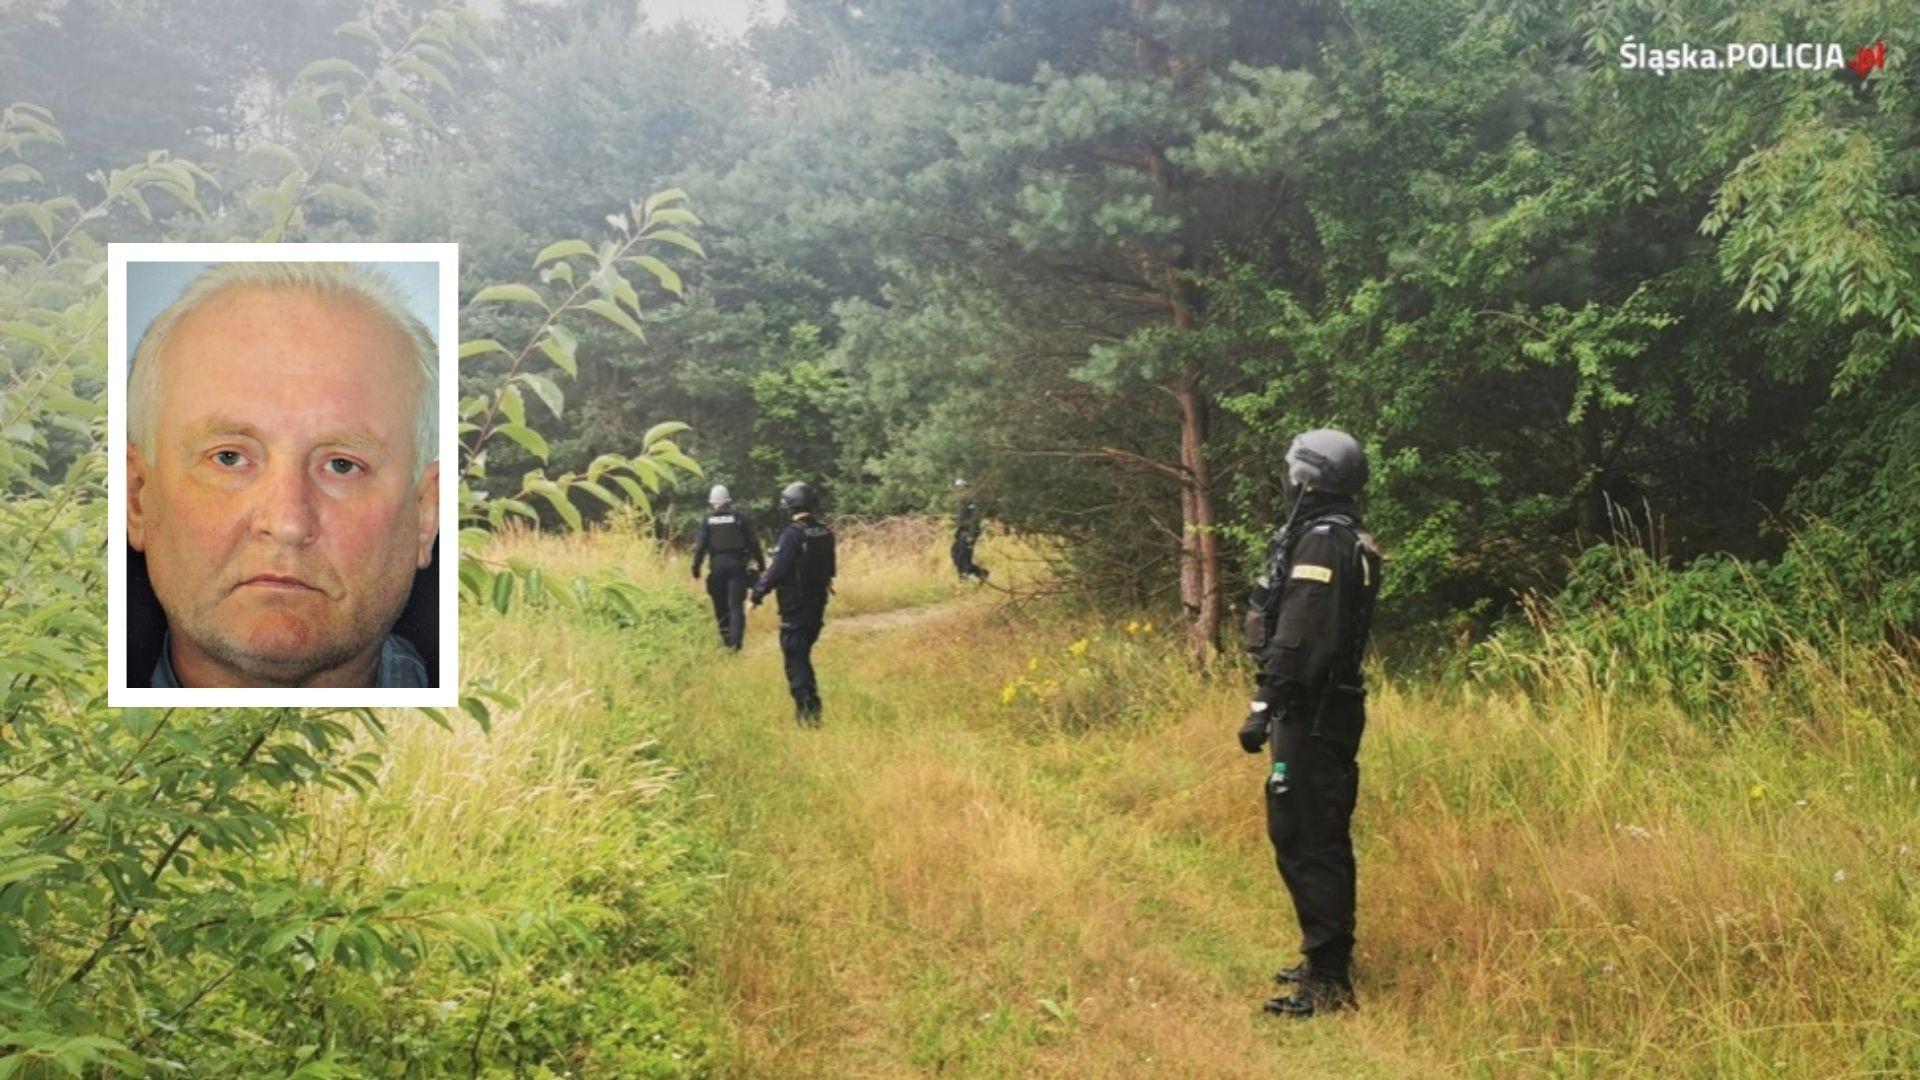 Policyjne poszukiwania Jacka Jaworka w terenie zakończone